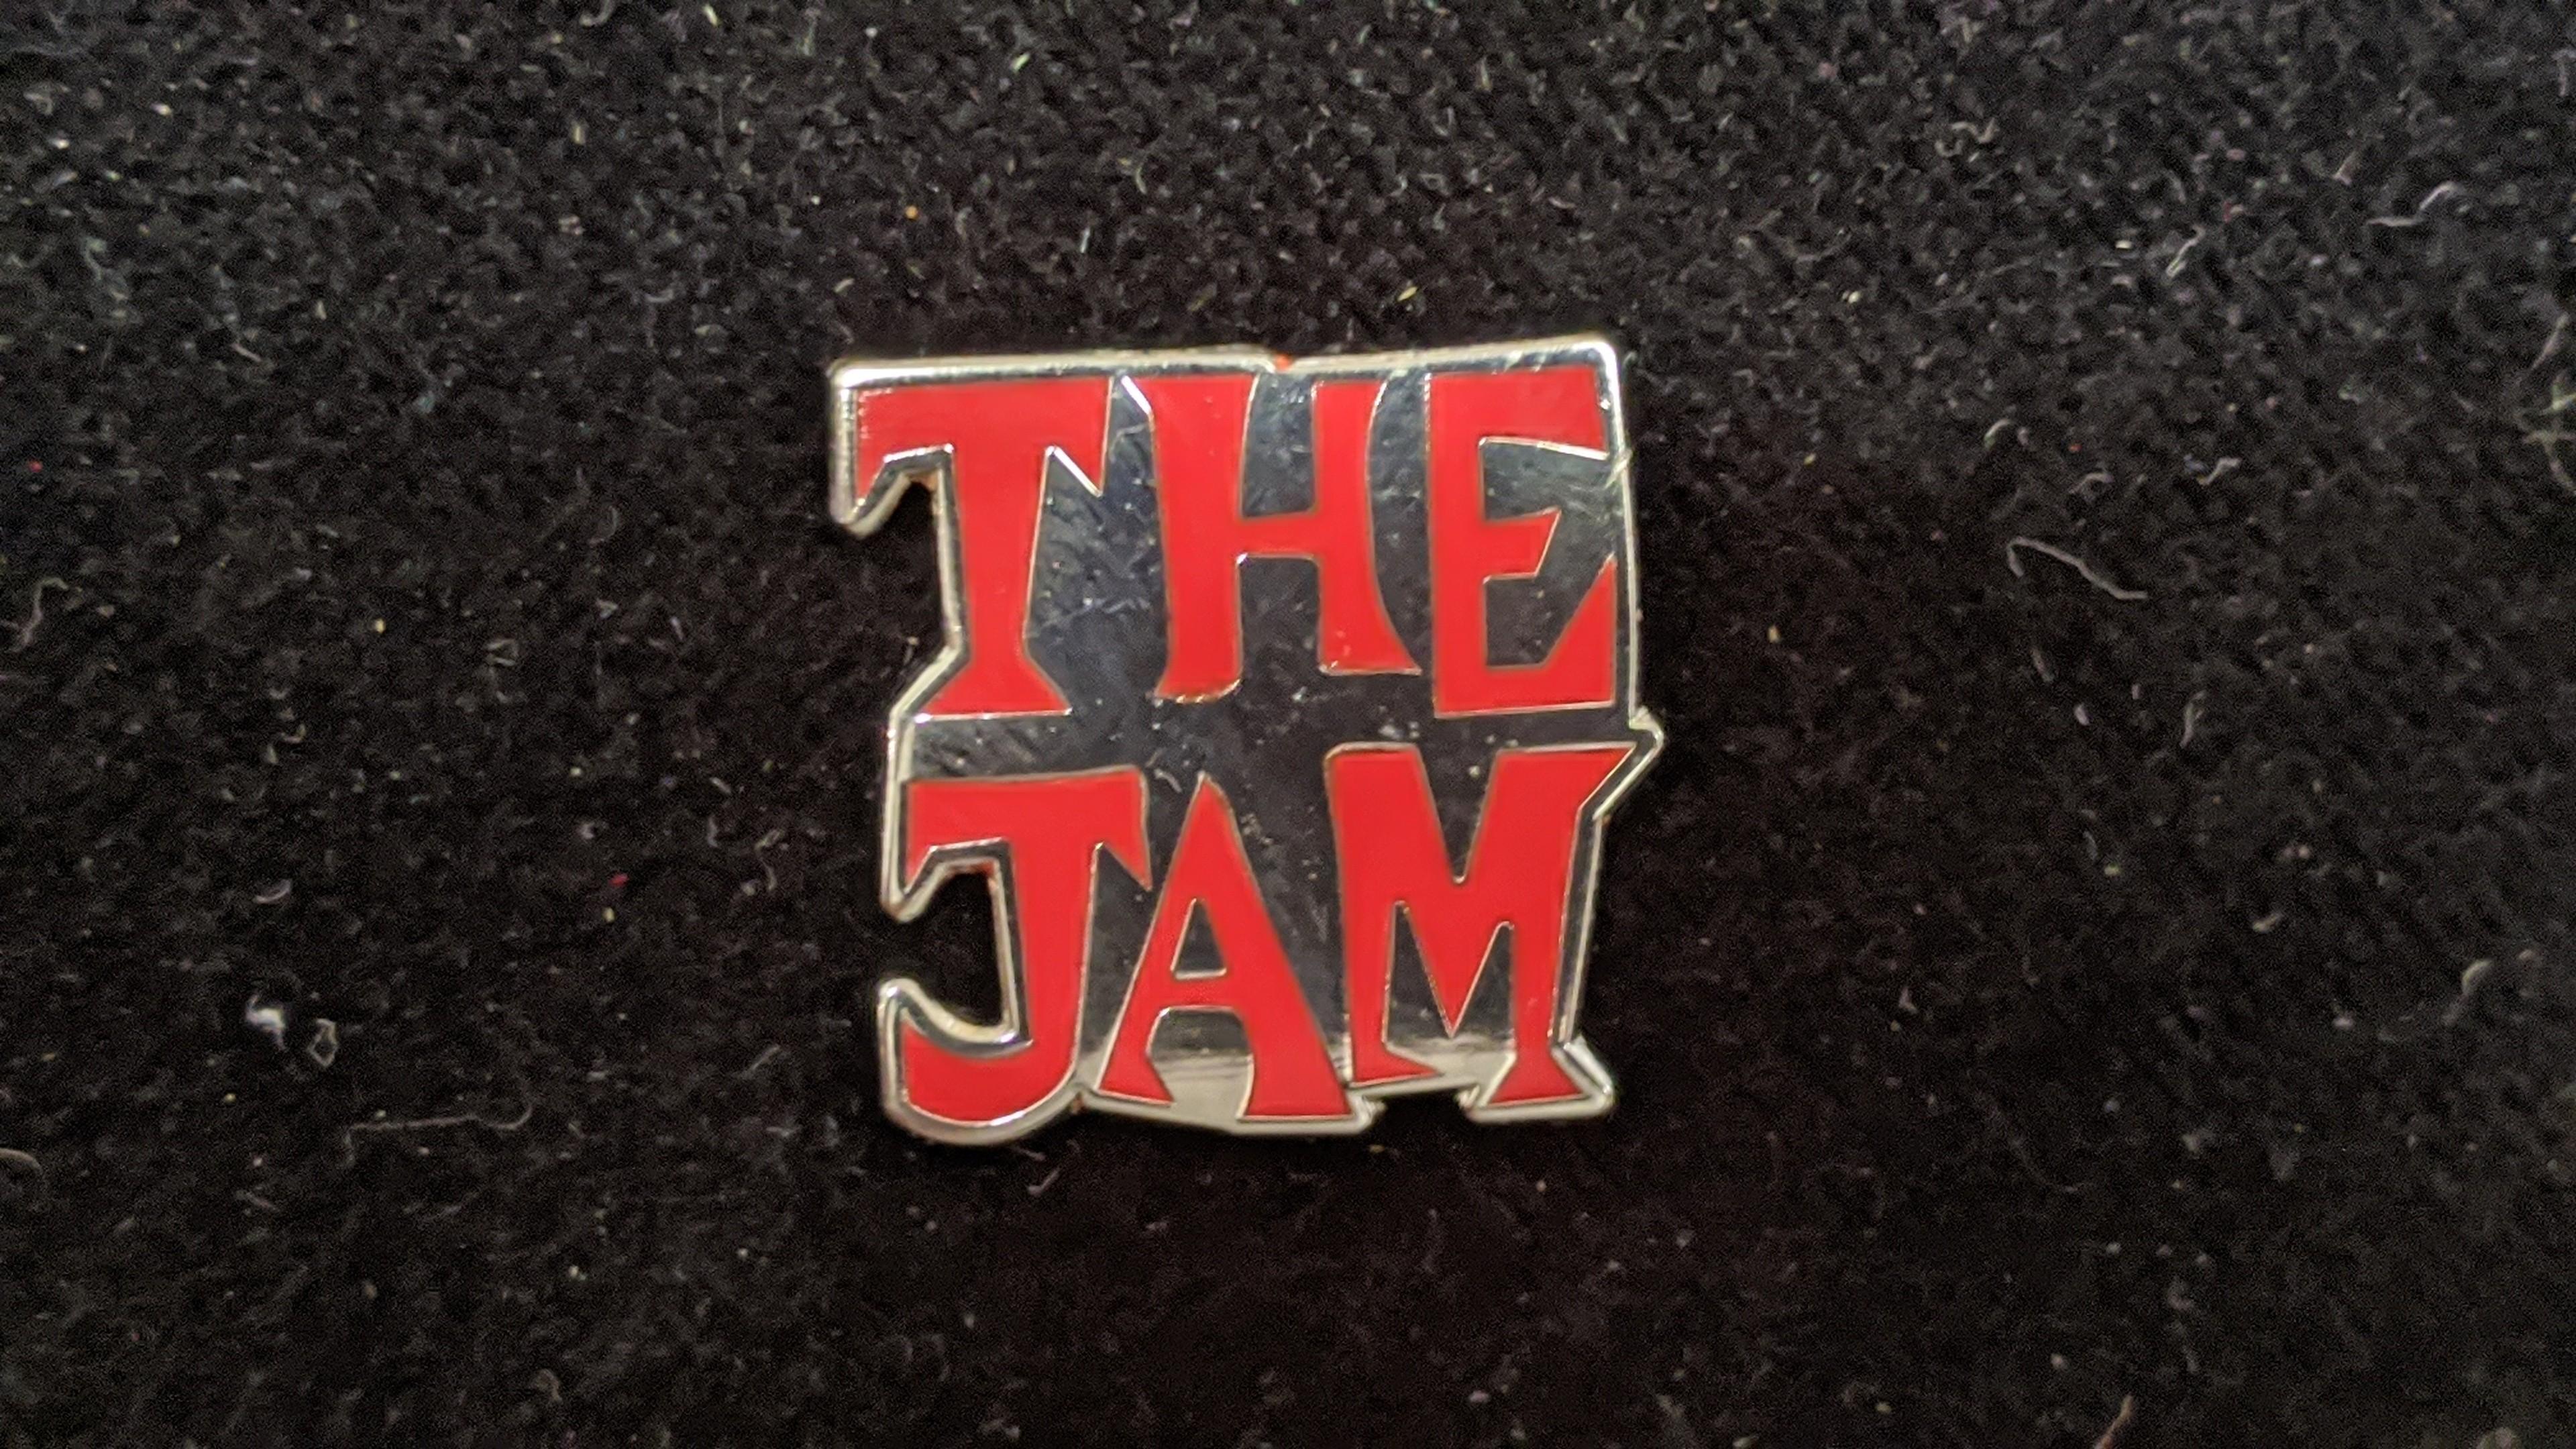 The Jam - Metal-Pin